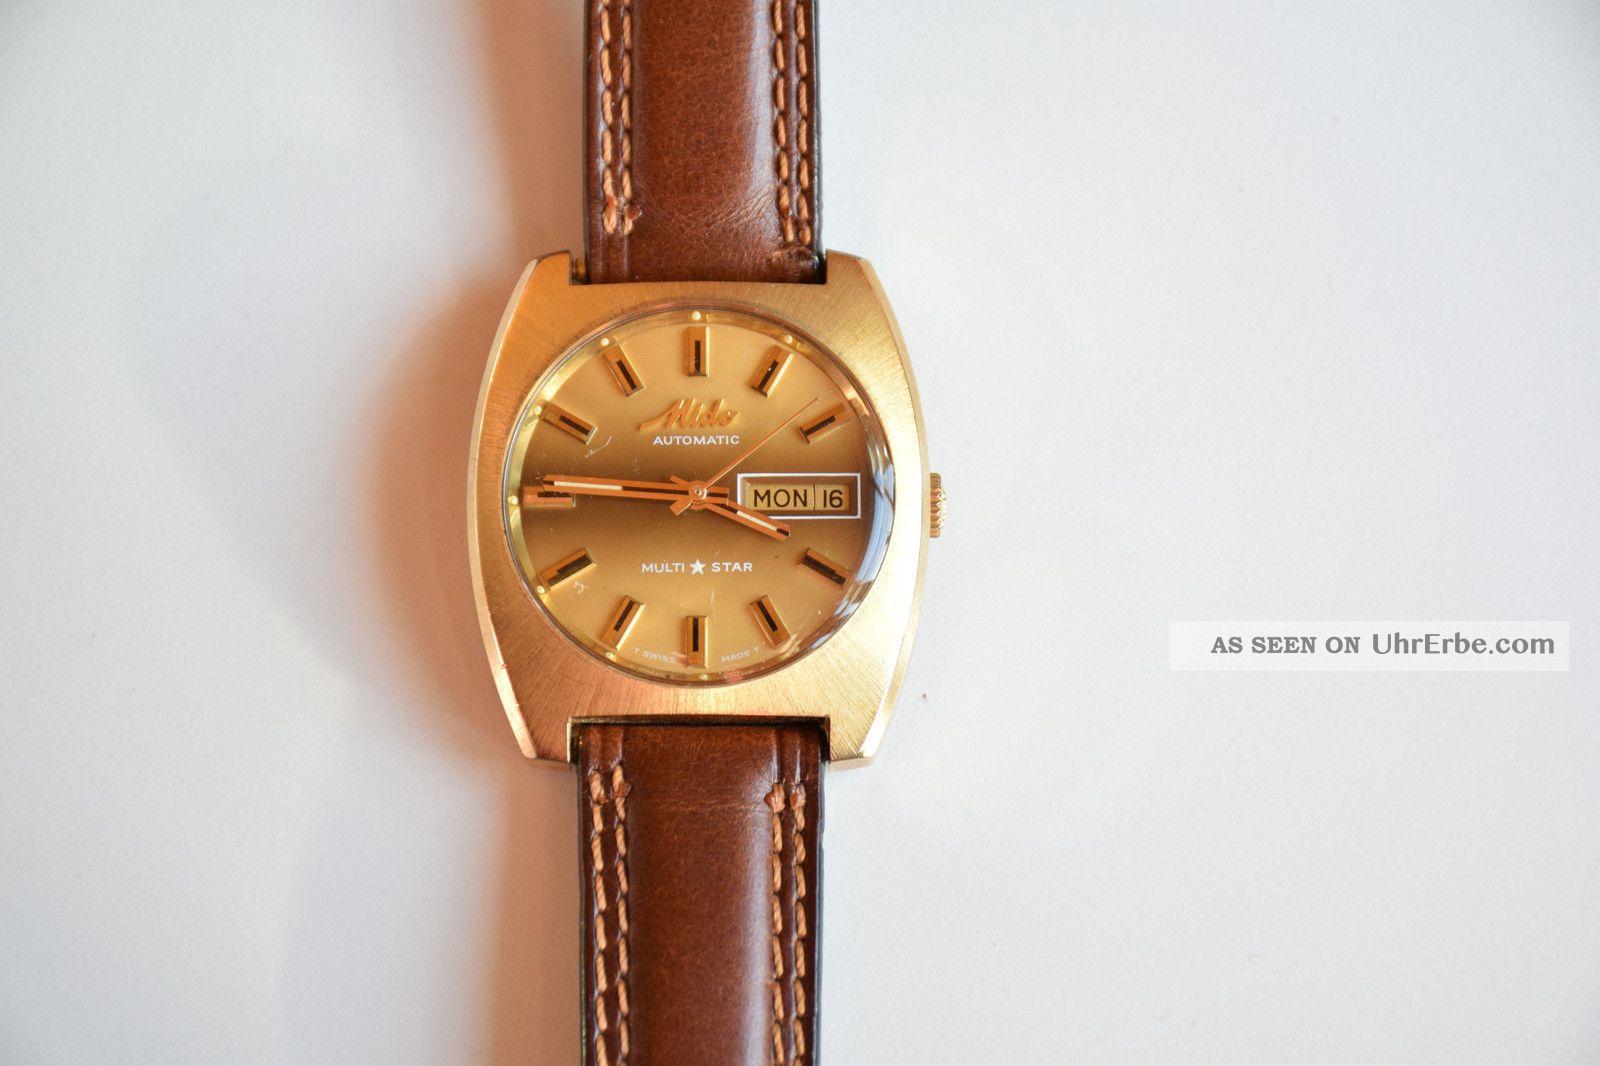 Mido Automatic Multi Star Mechanische Schweizer Uhr Armbanduhren Bild